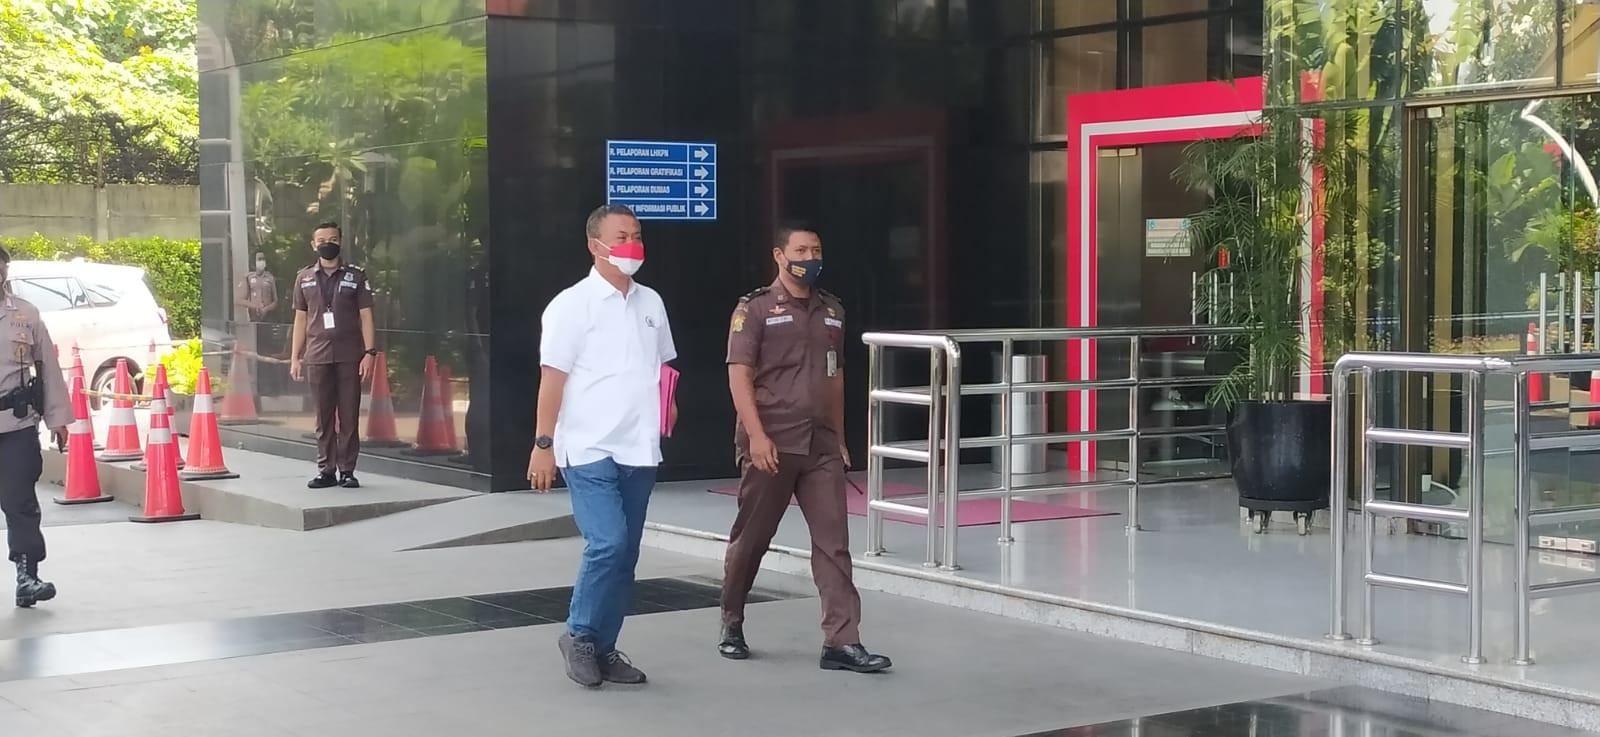 Bawa Map Merah, Prasetyo Edi Hadiri Pemeriksaan KPK - JPNN.com